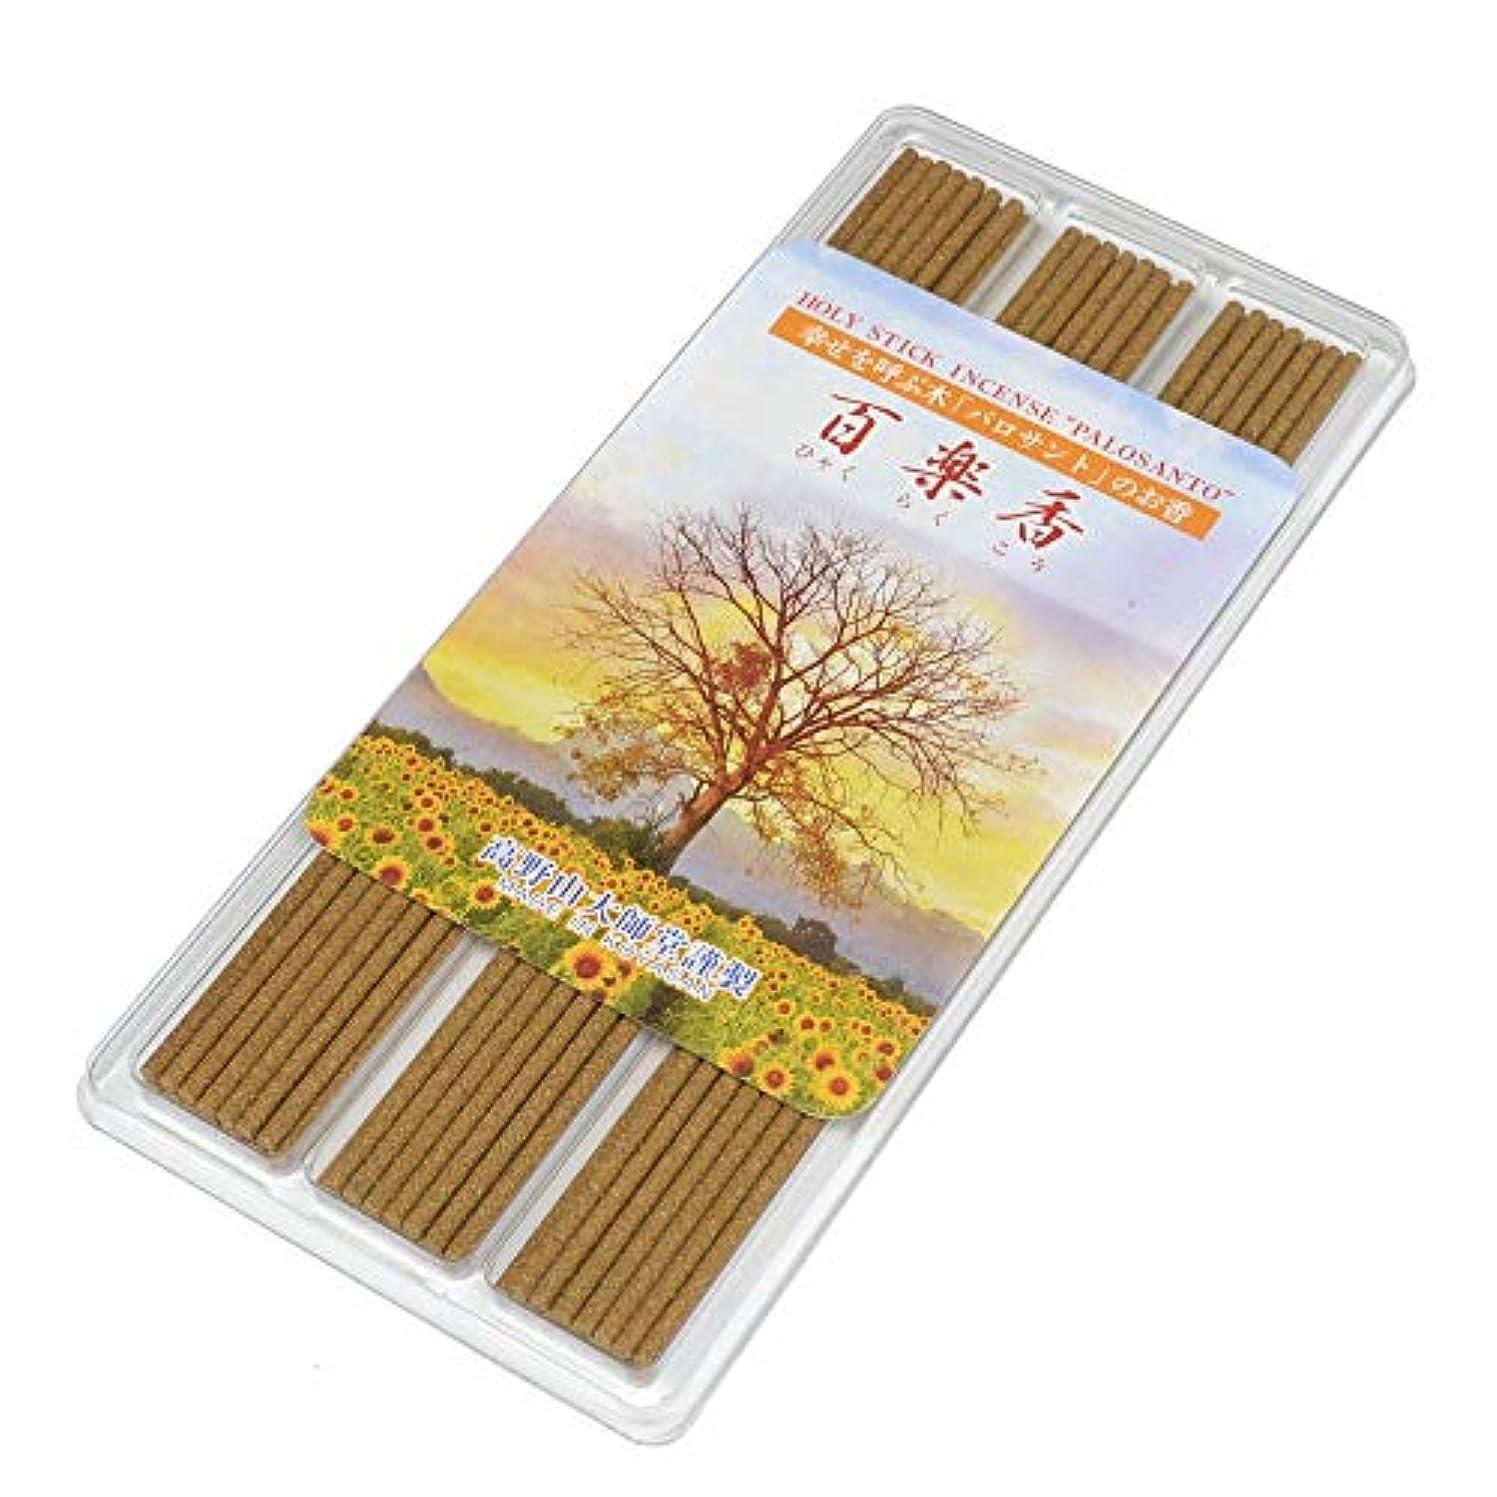 コーンリンク賛辞幸運の木「パロサント」のお香【徳用】Palo Santo Incense